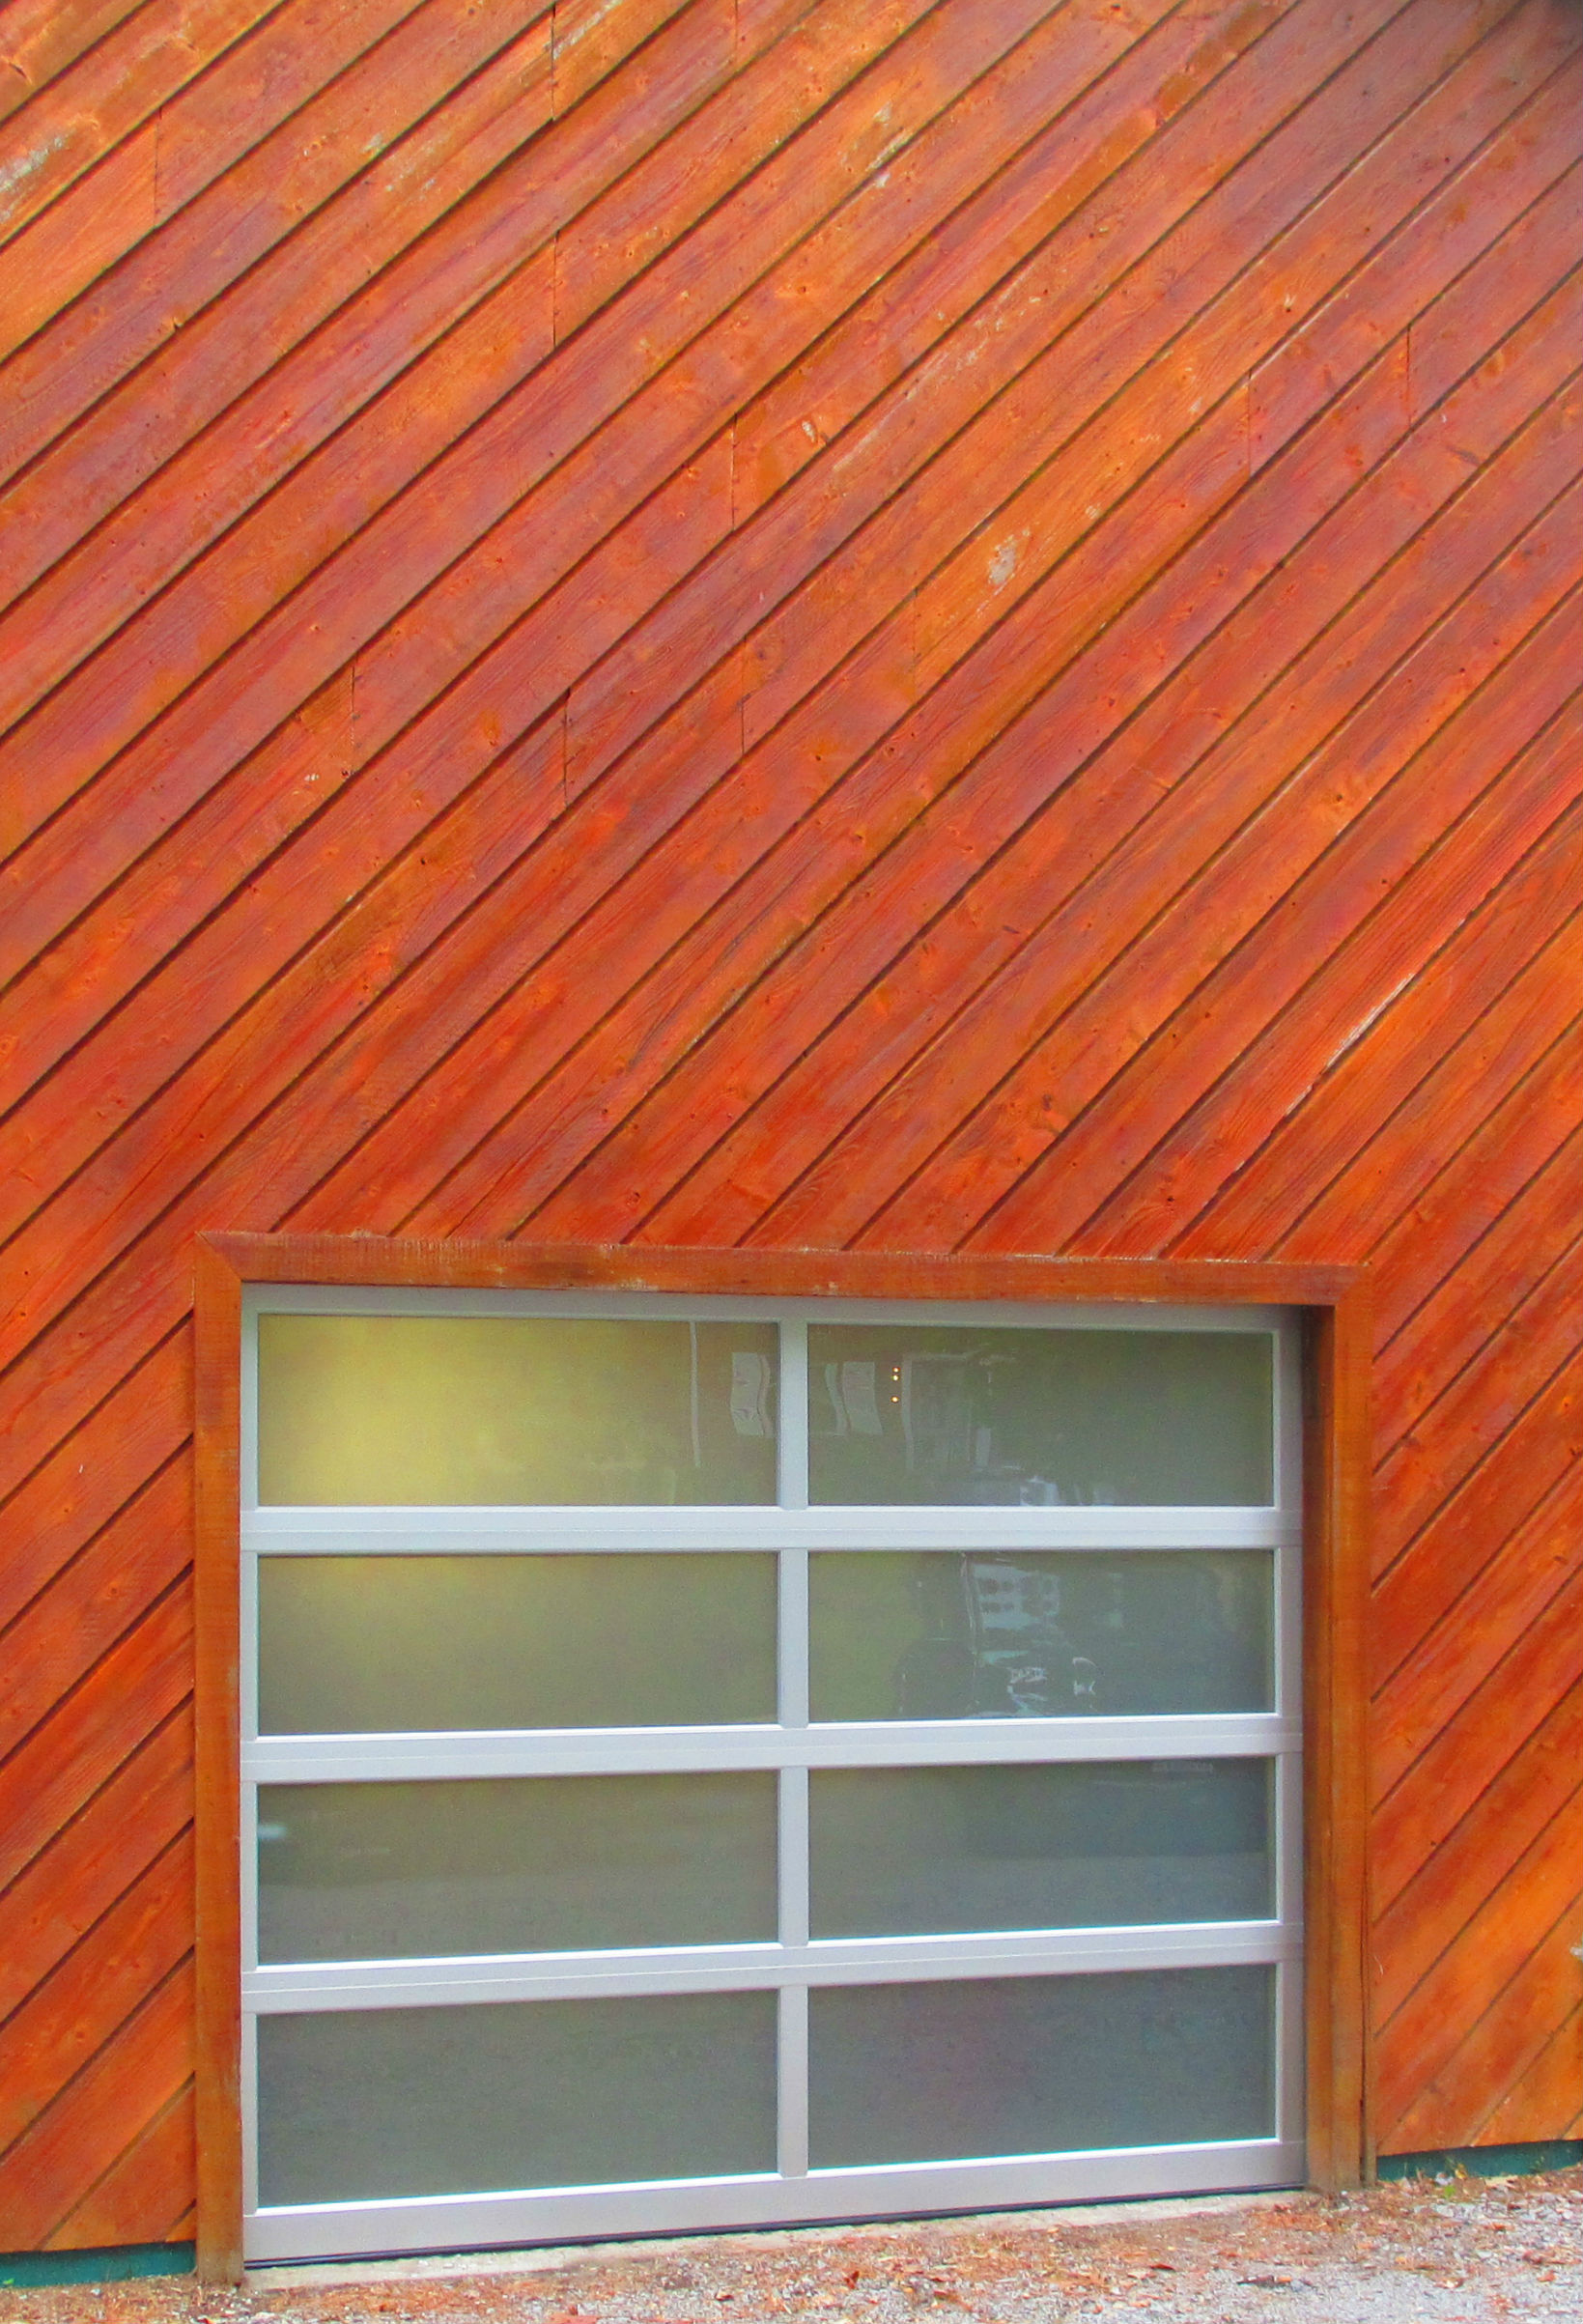 J&S Overhead Garage Door Service image 3